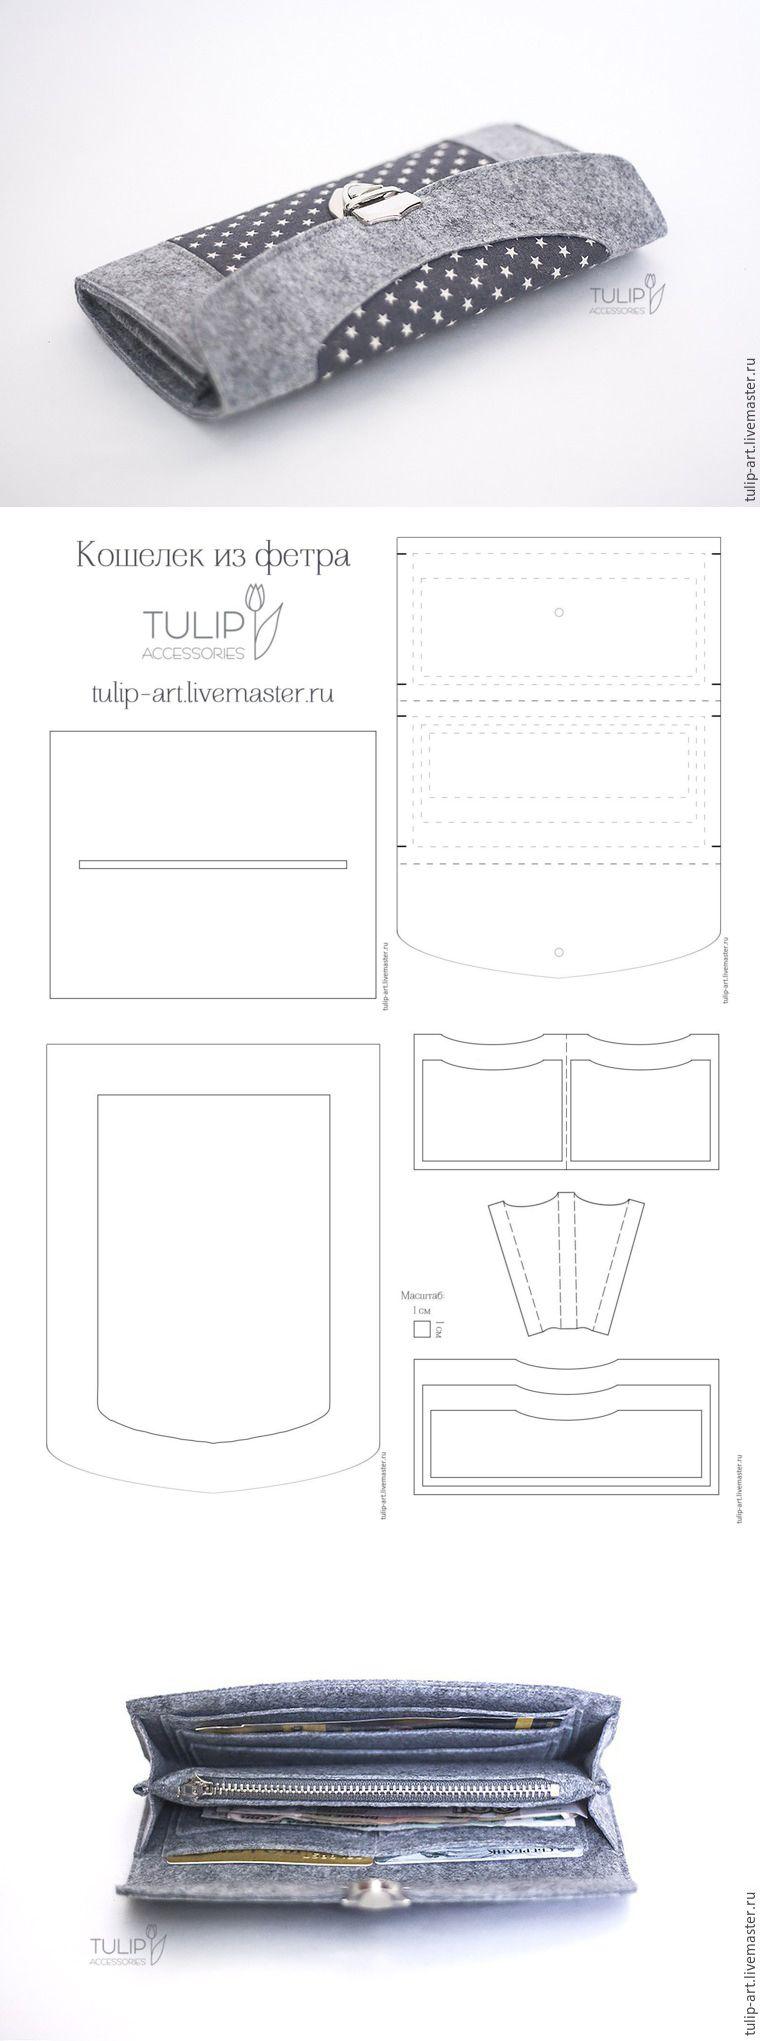 Felt wallet tutorial + pattern / Как сшить удобный вместительный ...